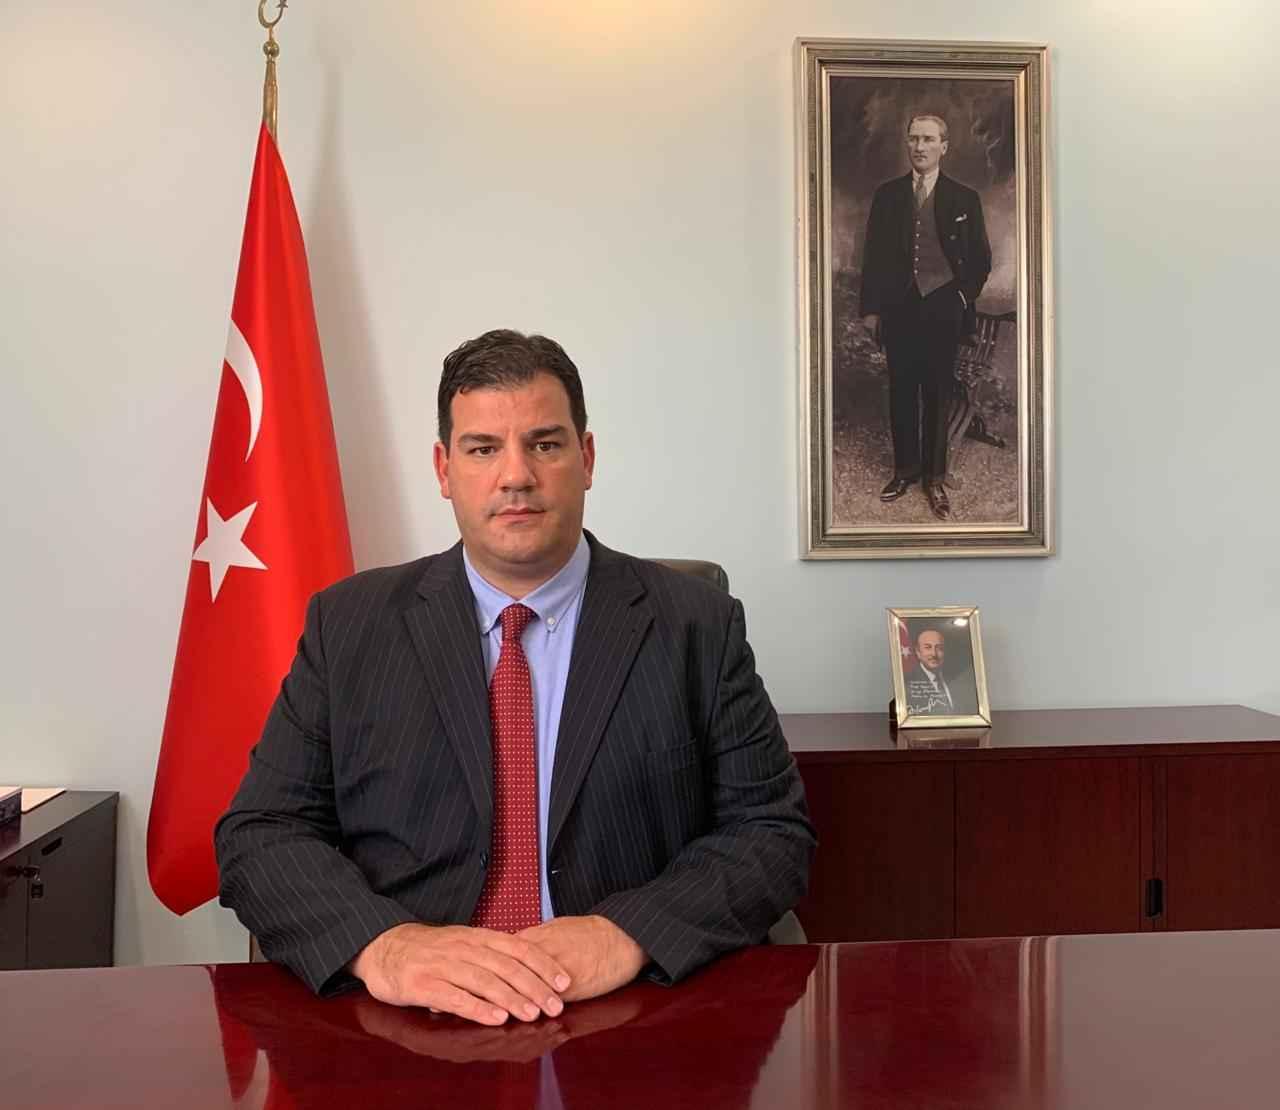 Кровавый террористический акт: как турецкий народ защитил демократию